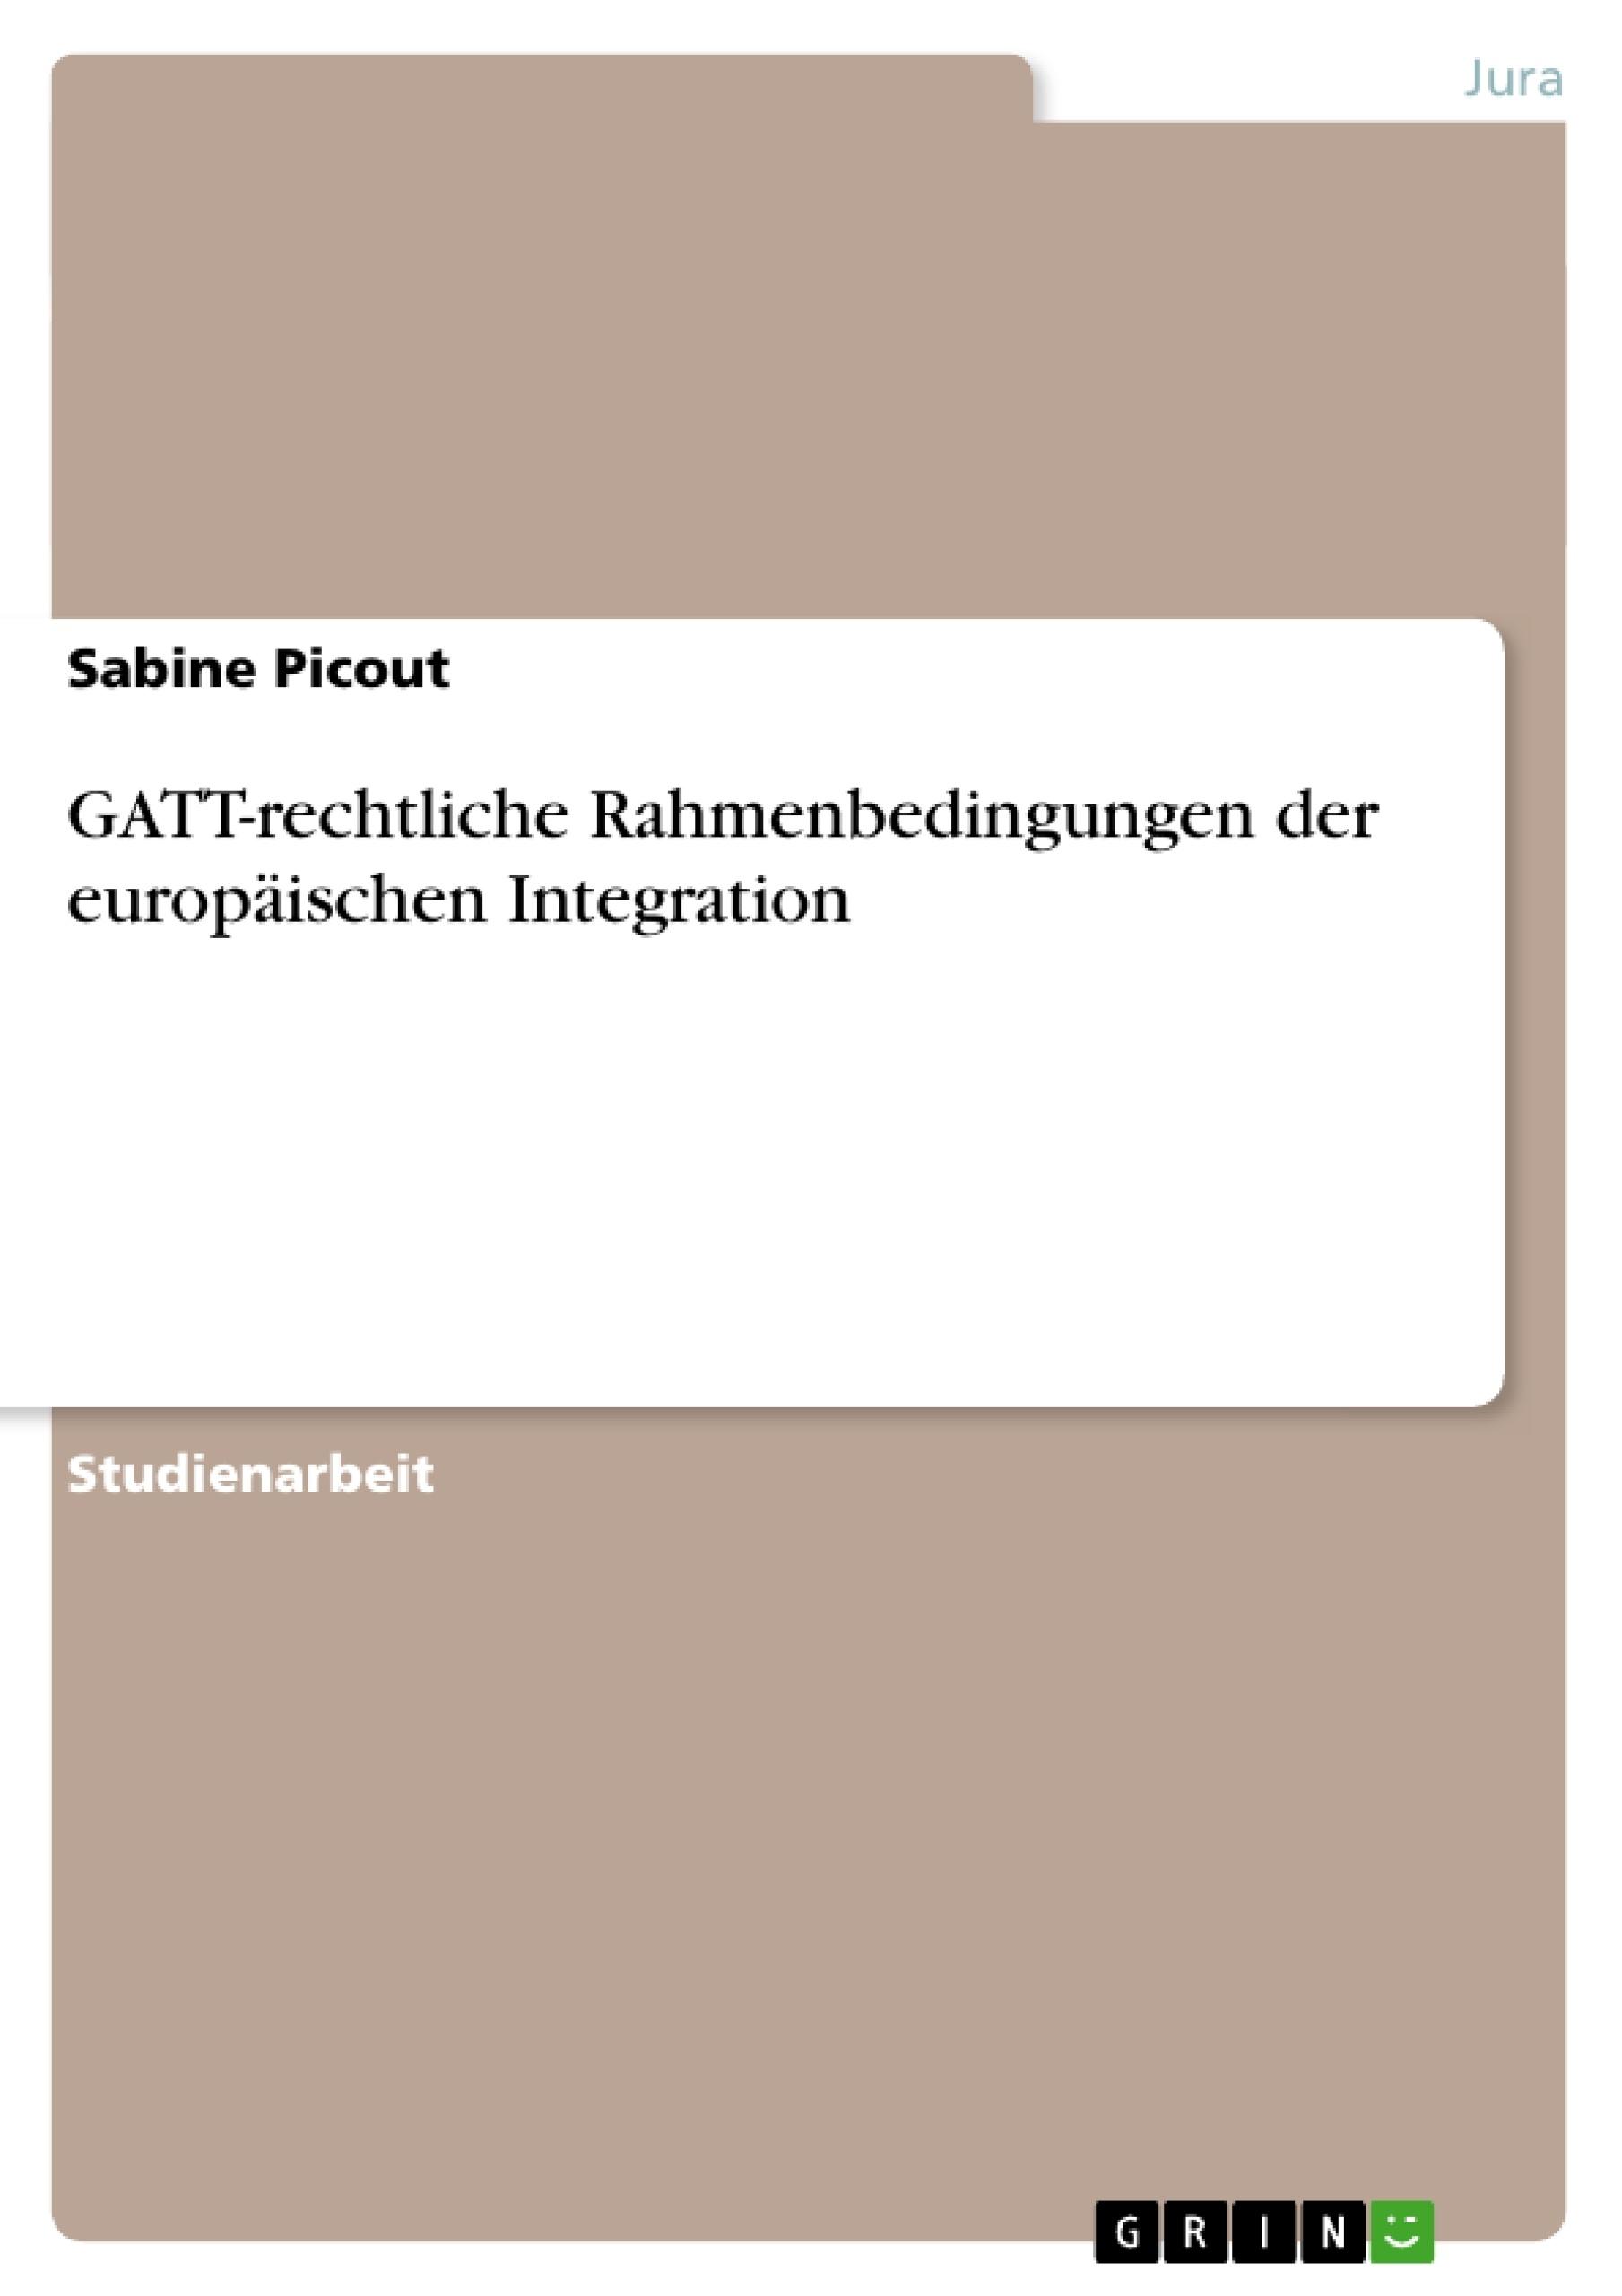 Titel: GATT-rechtliche Rahmenbedingungen der europäischen Integration